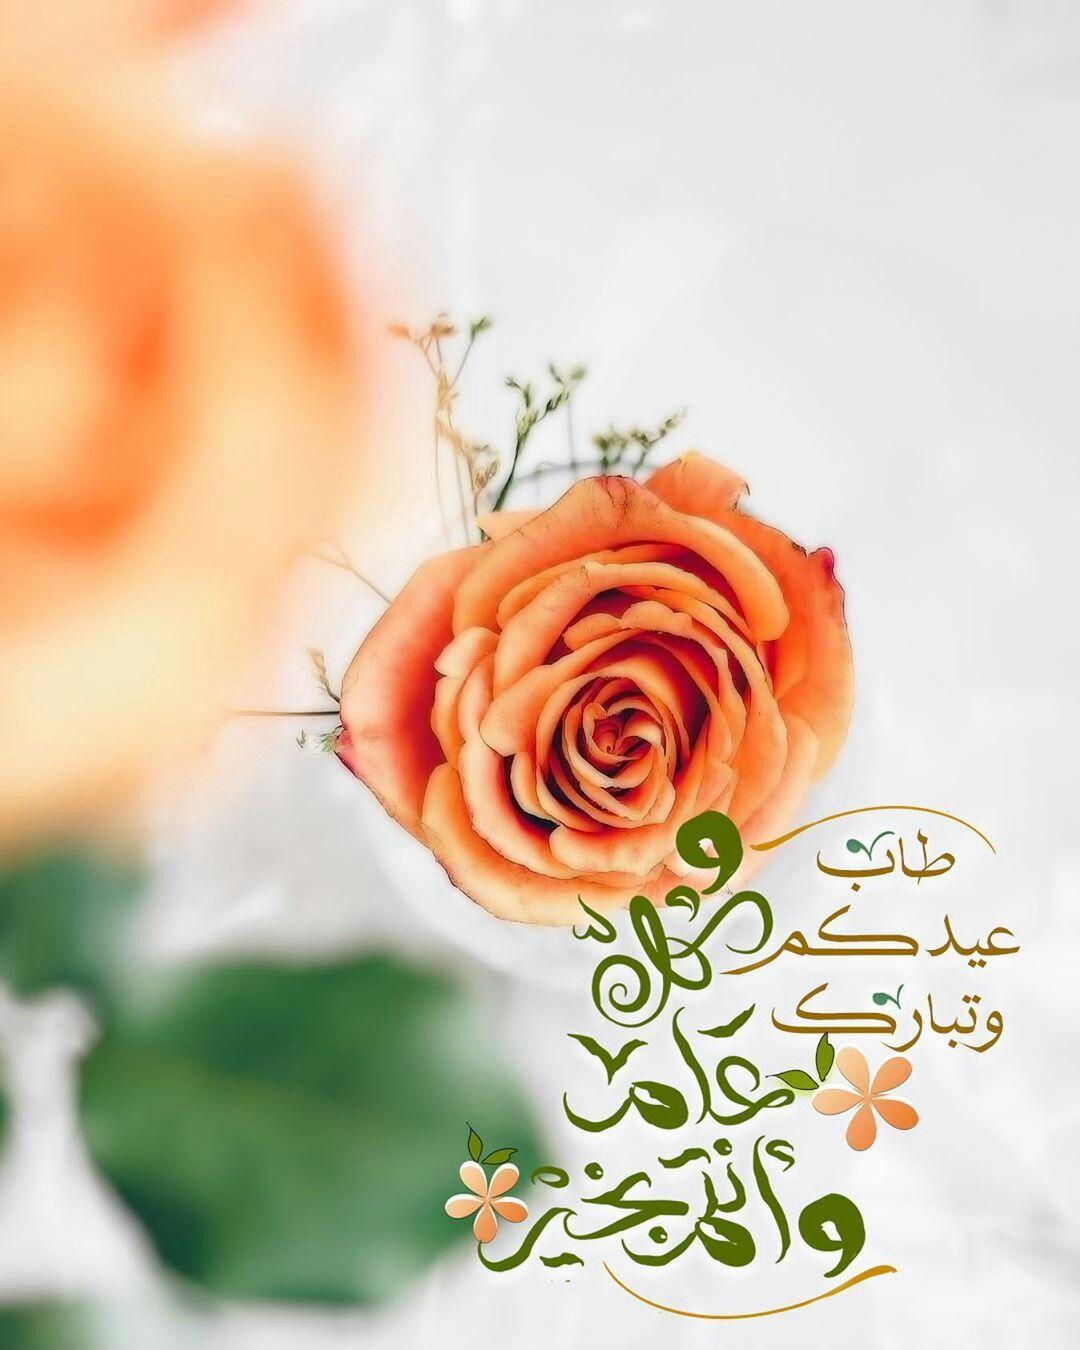 گل عآم ۆآن ت م ب خـي ر عي د سعي د Eid Greetings Eid Ul Adha Nature Photography